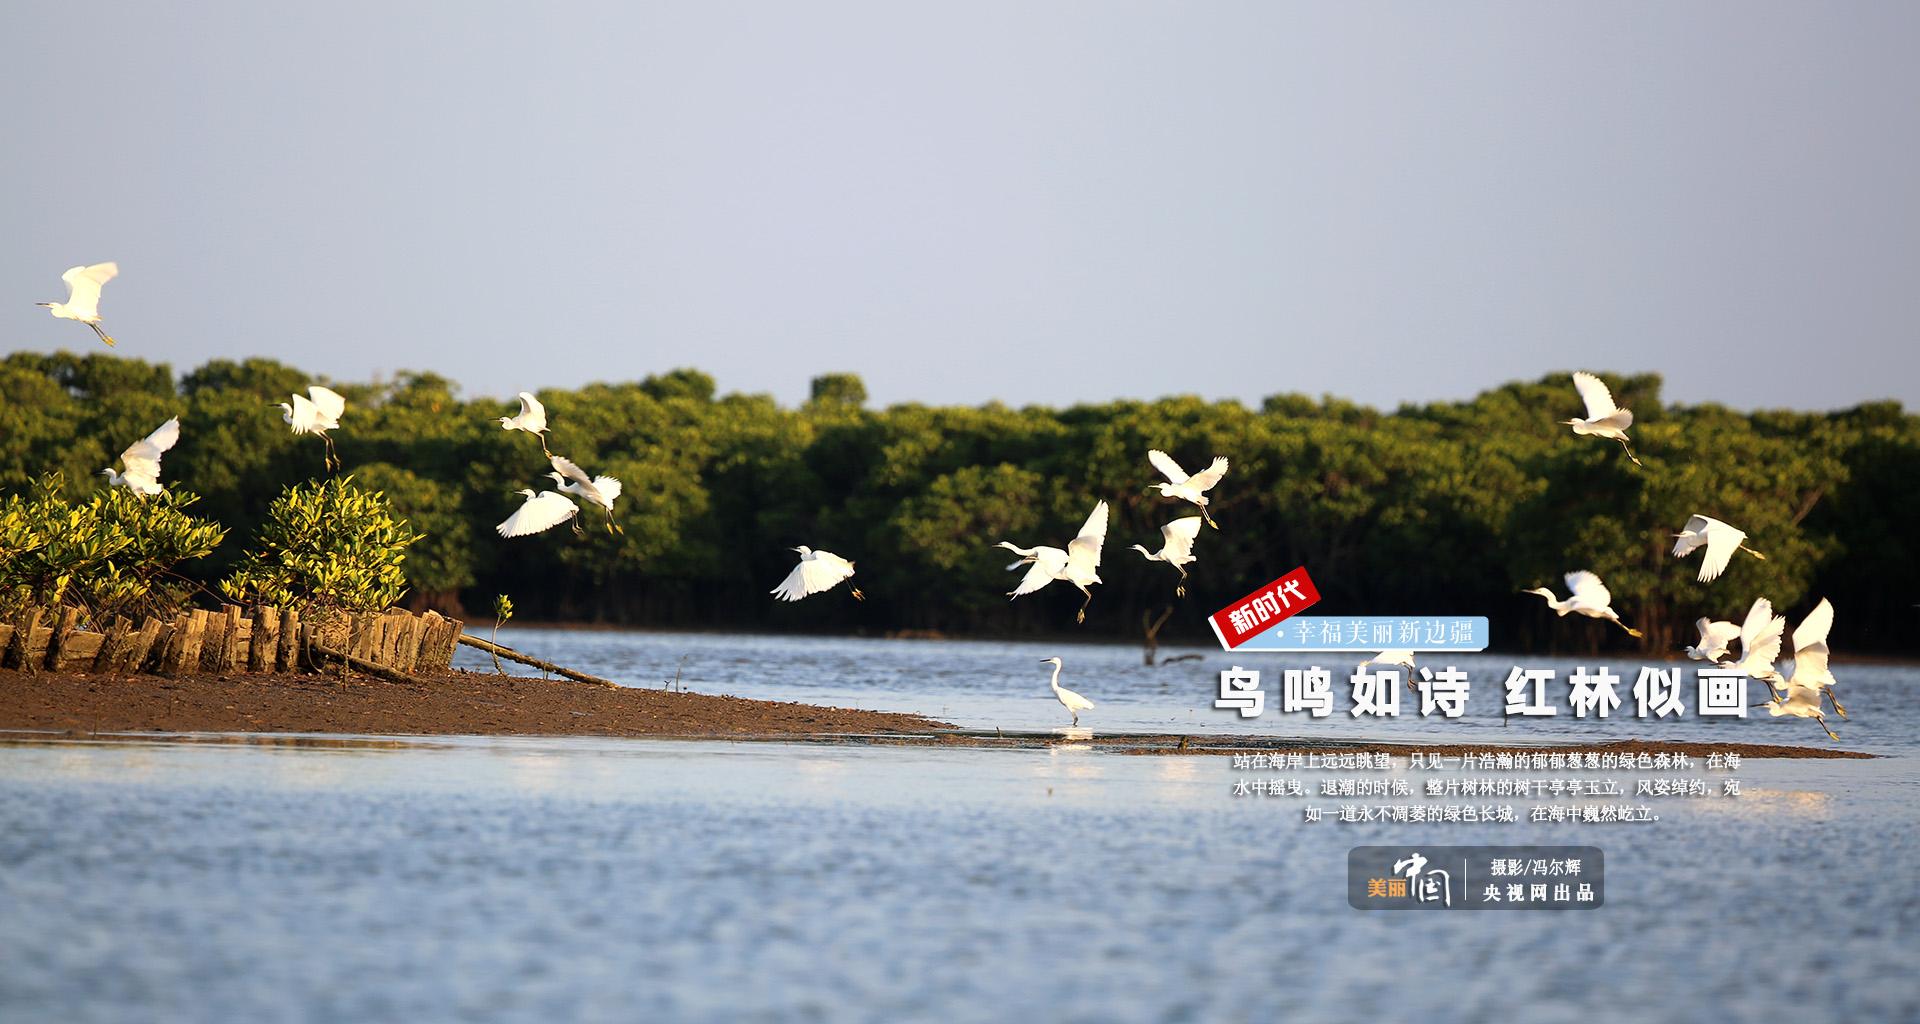 【新时代·幸福美丽新边疆】鸟鸣如诗 红林似画